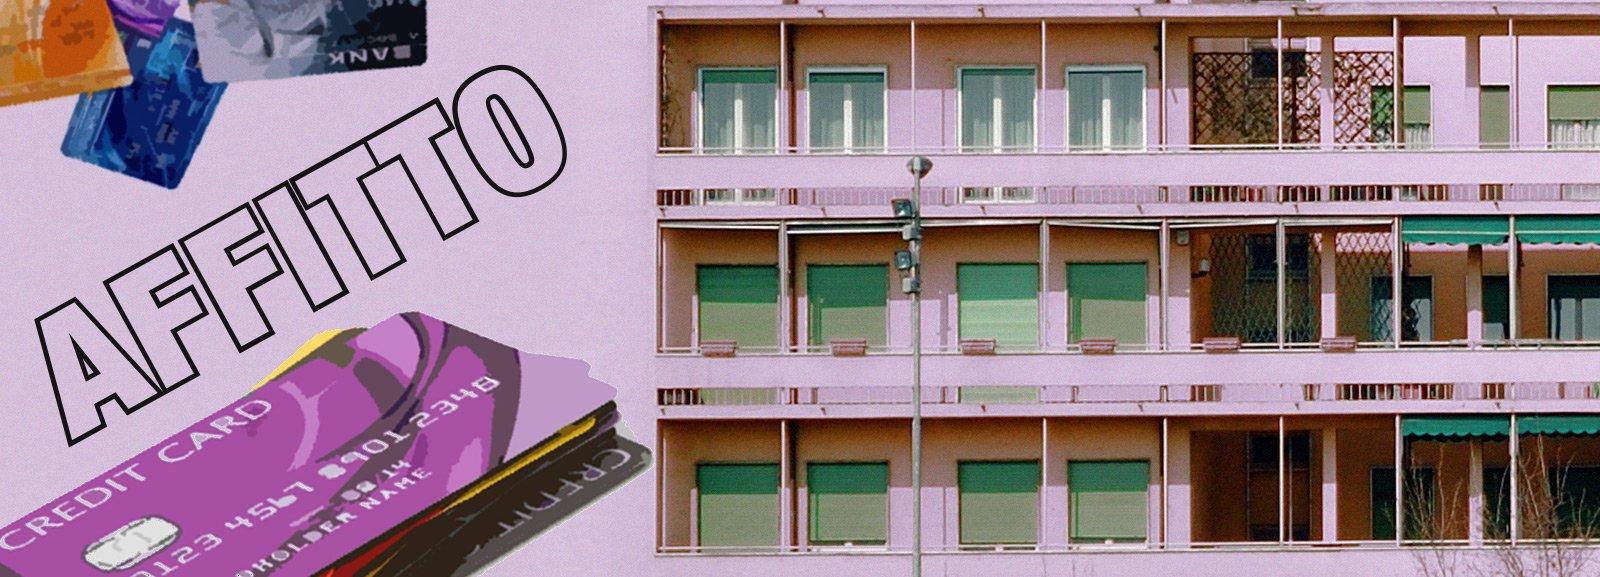 Affitti divieto di pagamento in contanti e registrazione for Novita oggettistica casa